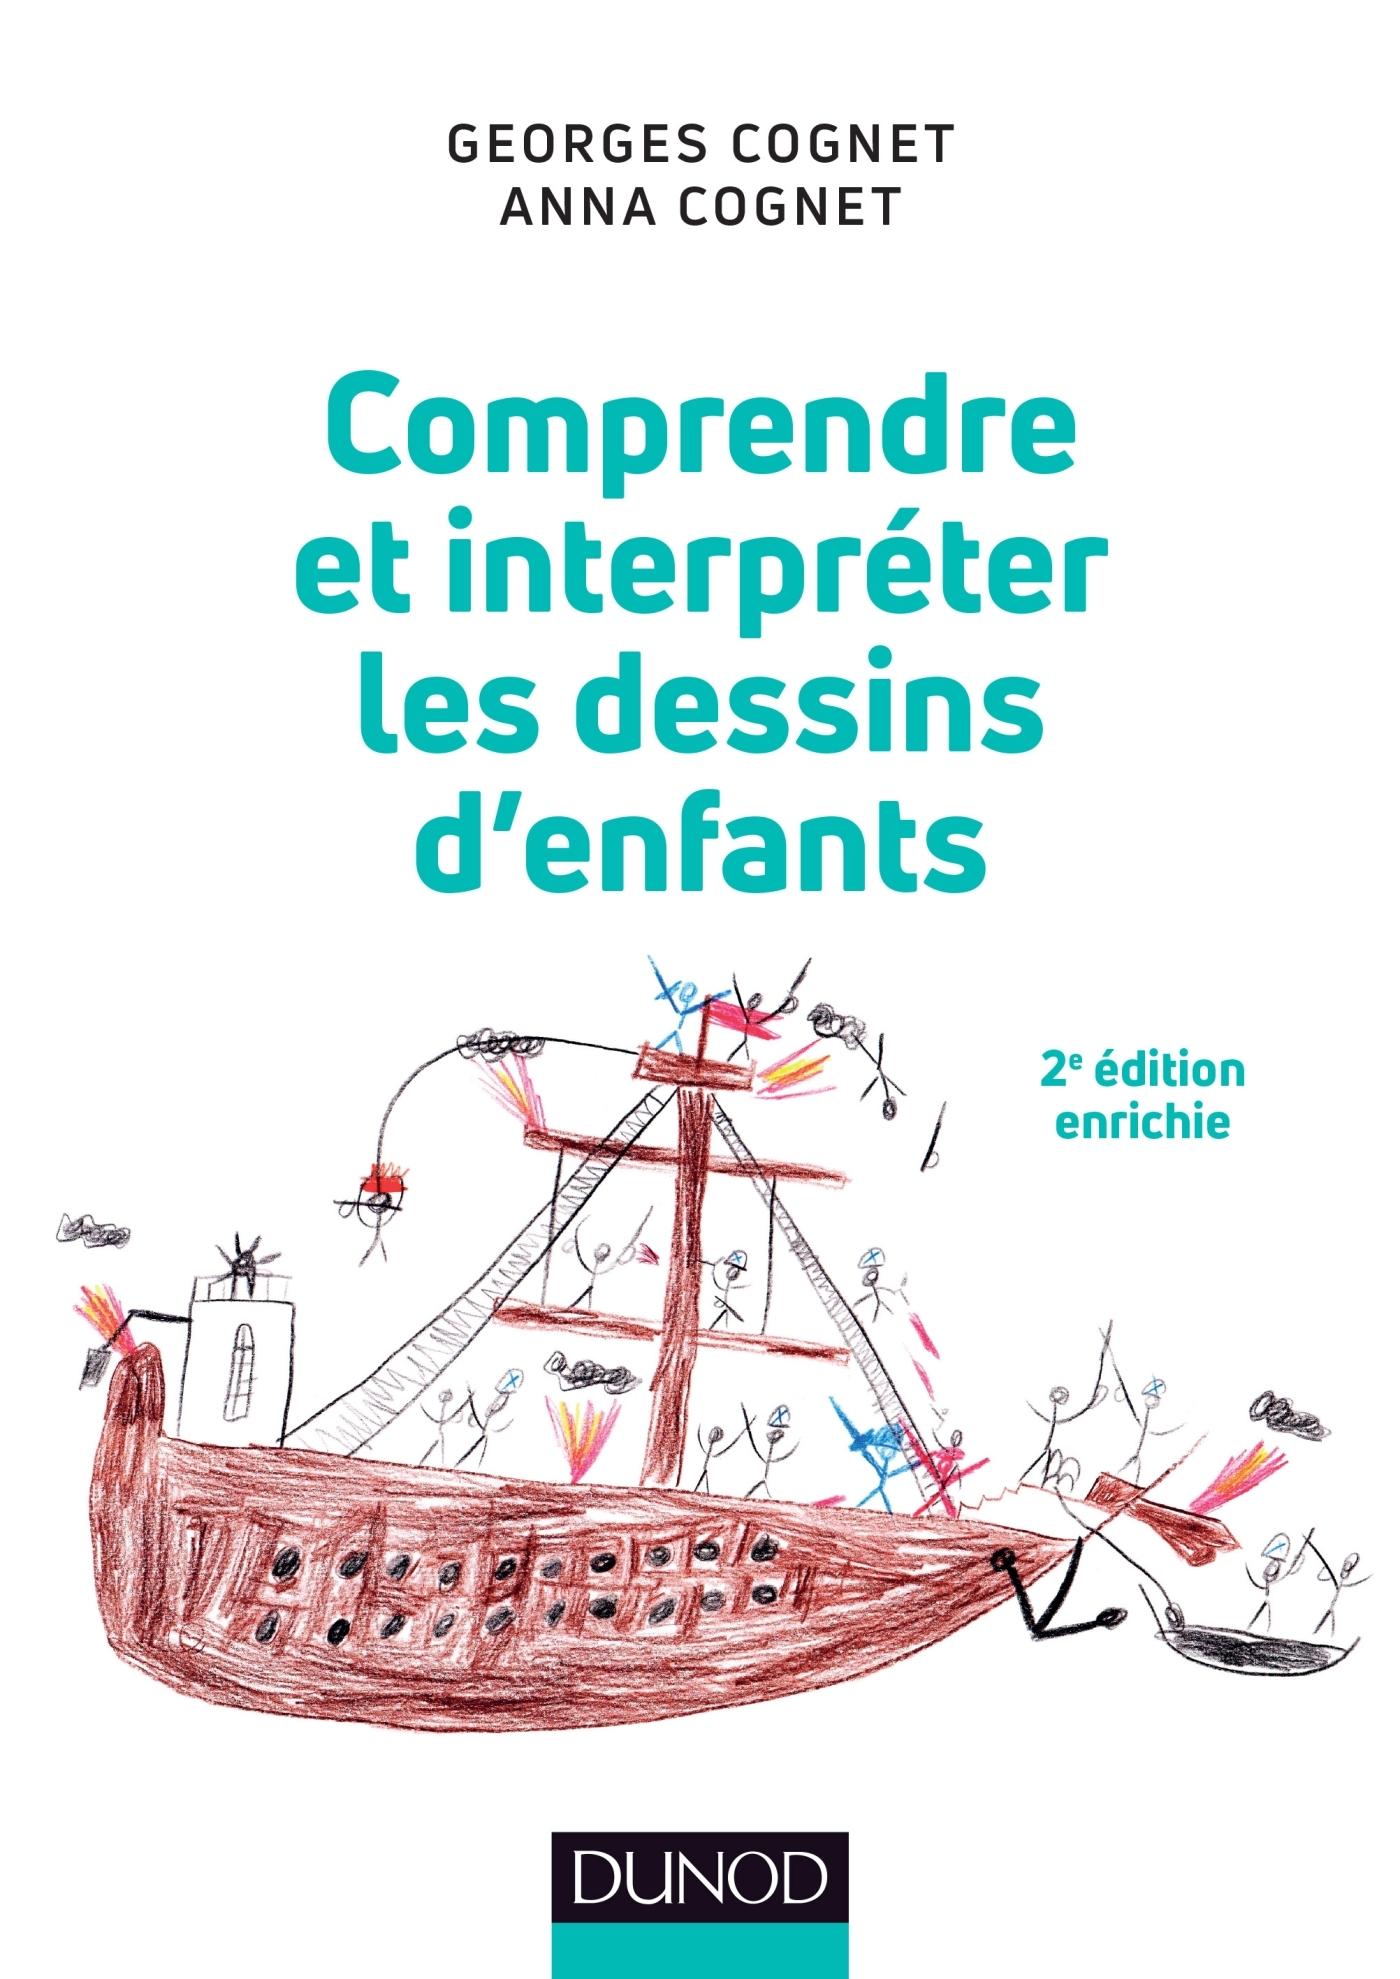 Comprendre Et Interpreter Les Dessins D Enfants Livre Et Ebook Enfance De Georges Cognet Dunod